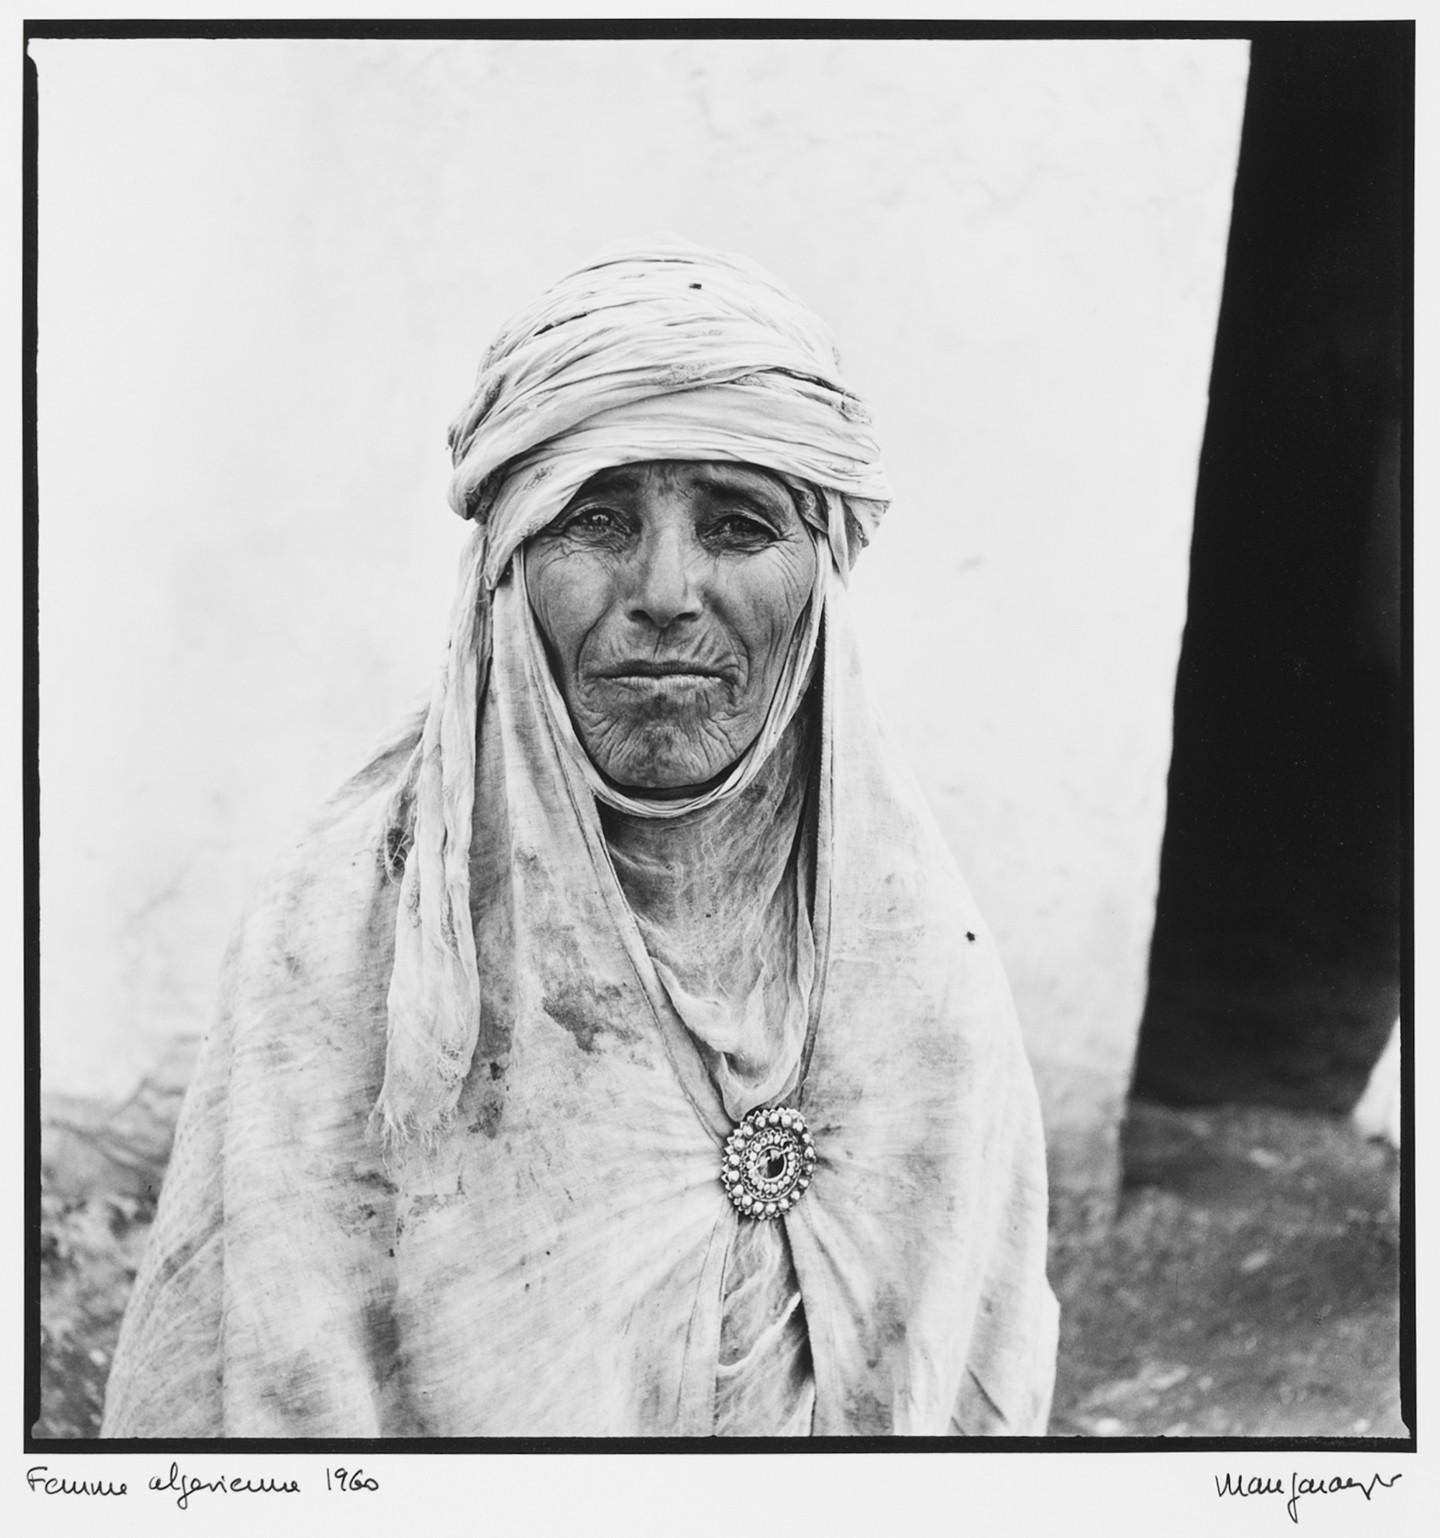 marc-garanger-1935-france-femme-algerienne-4-1960-275-x-268-cm